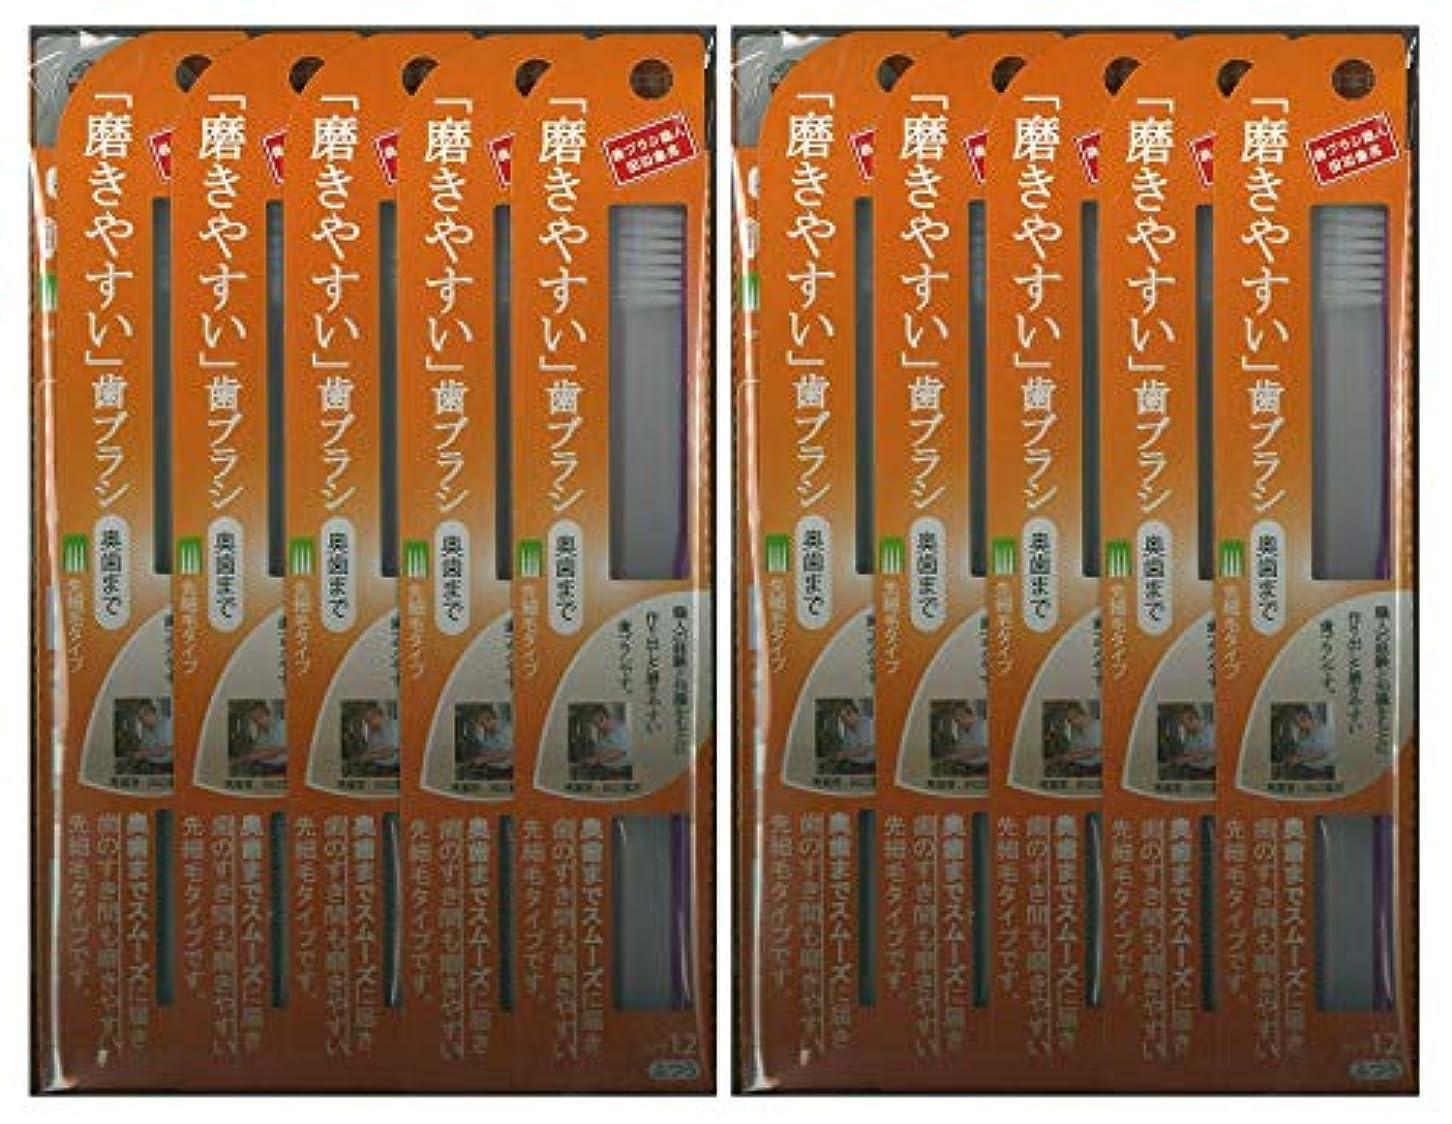 能力パステル歴史的歯ブラシ職人 田辺重吉考案 磨きやすい歯ブラシ ふつう (奥歯まで)先細 LT-12 1本入×24本セット